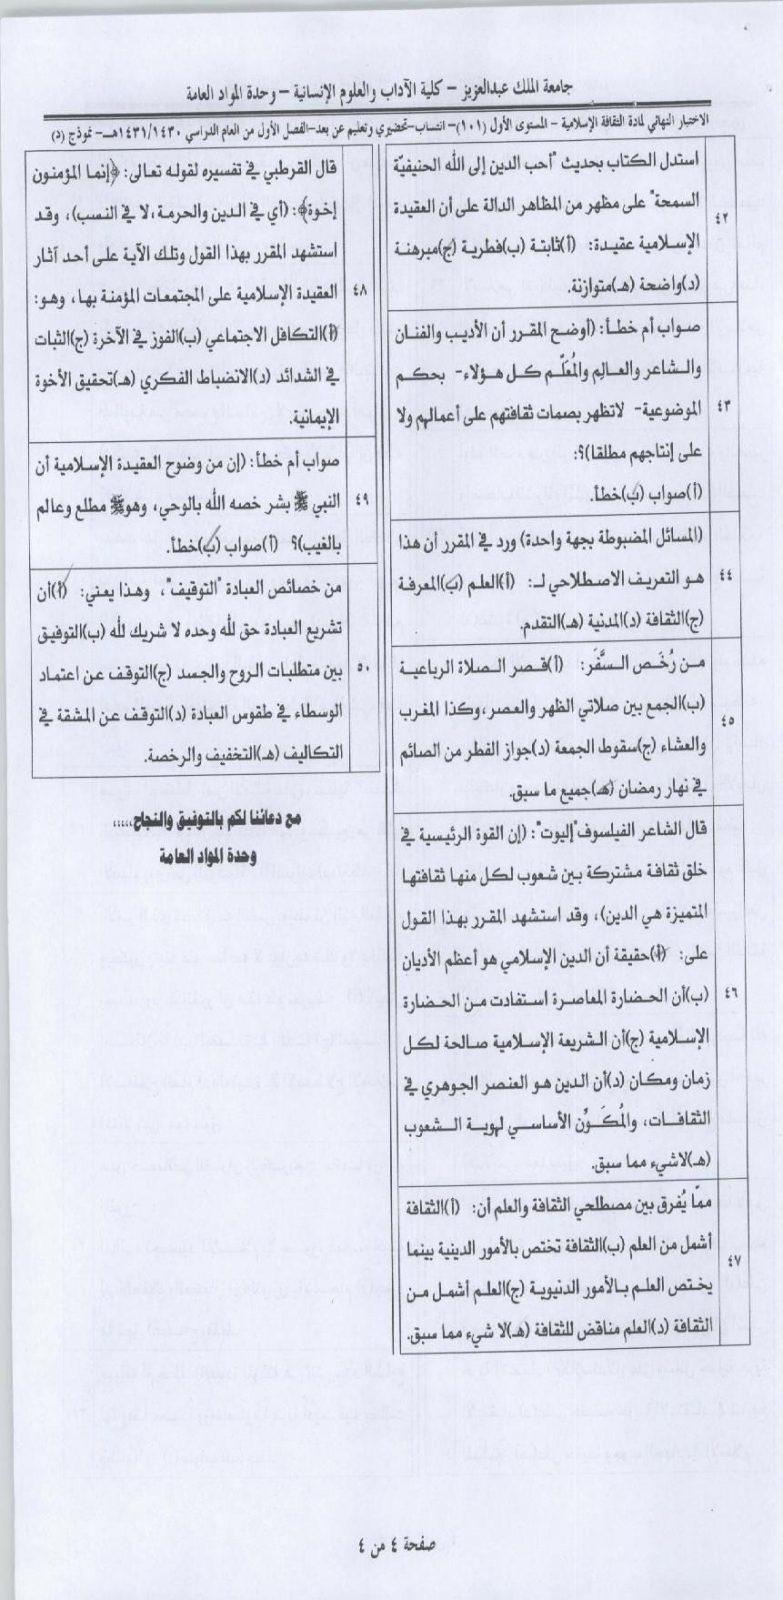 اسئلة مادة الثقافة الإسلامية isls 101 انتساب وتعليم عن بعد الفصل الدراسي الأول 1431هـ نموذج (د) 412.jpg